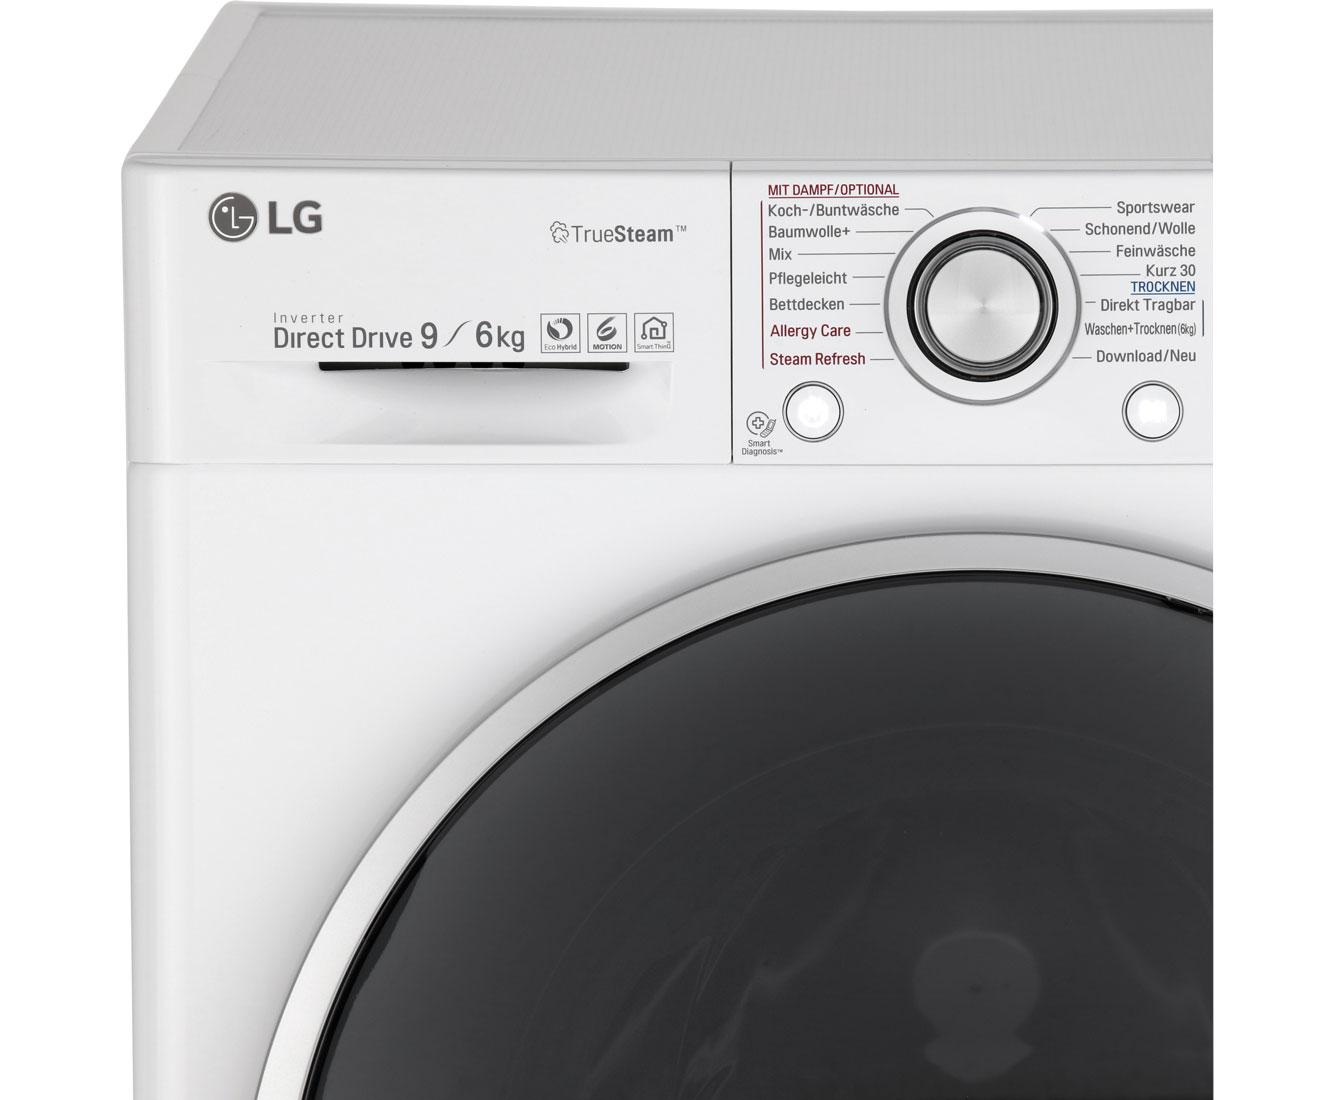 Lg f14wd96eh1 waschtrockner freistehend weiss neu ebay